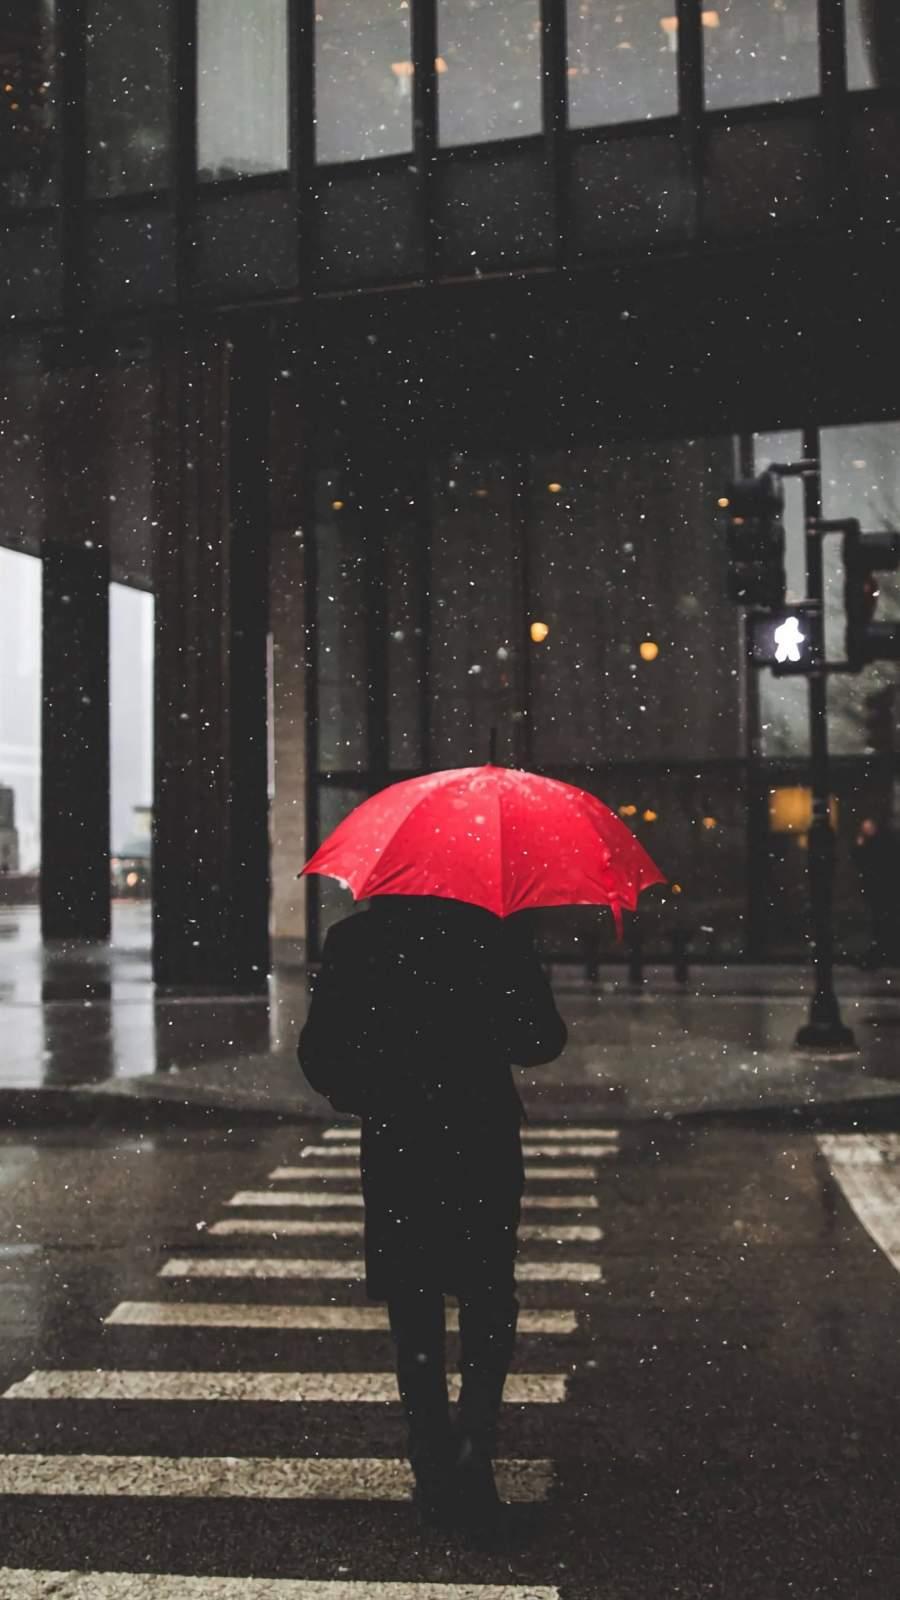 Umbrella Rain iPhone Wallpaper